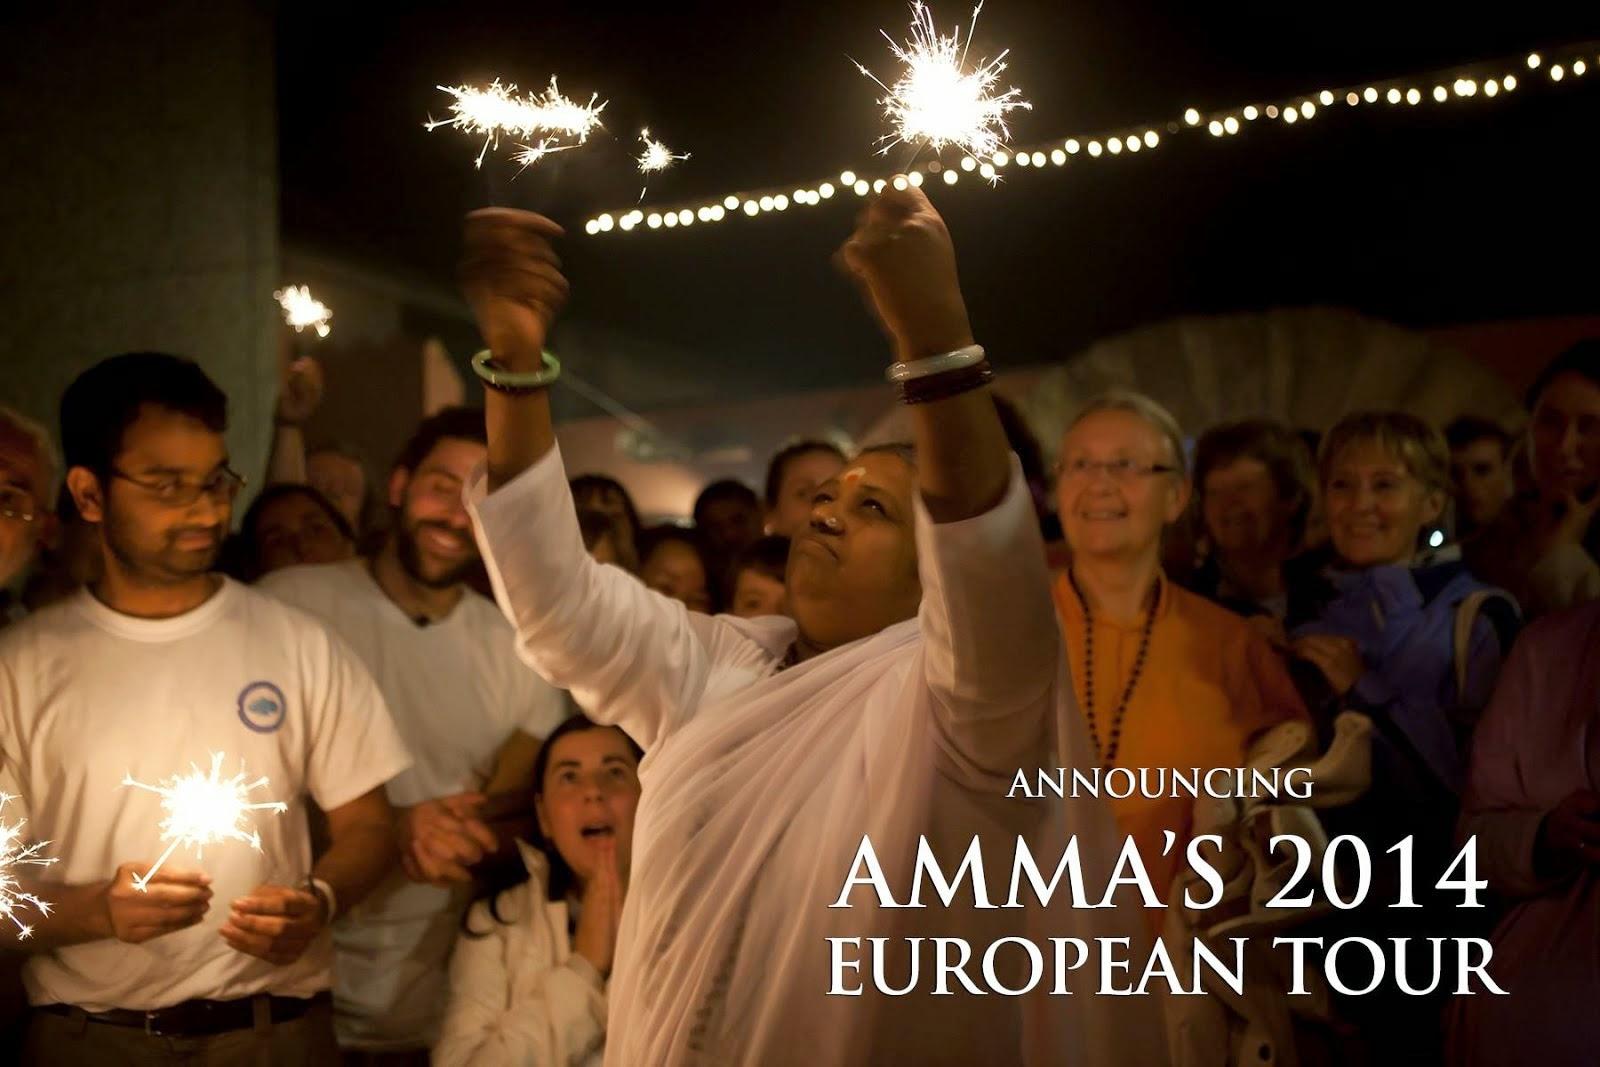 AMMAN EUROOPAN KIERTUE SYKSY 2014